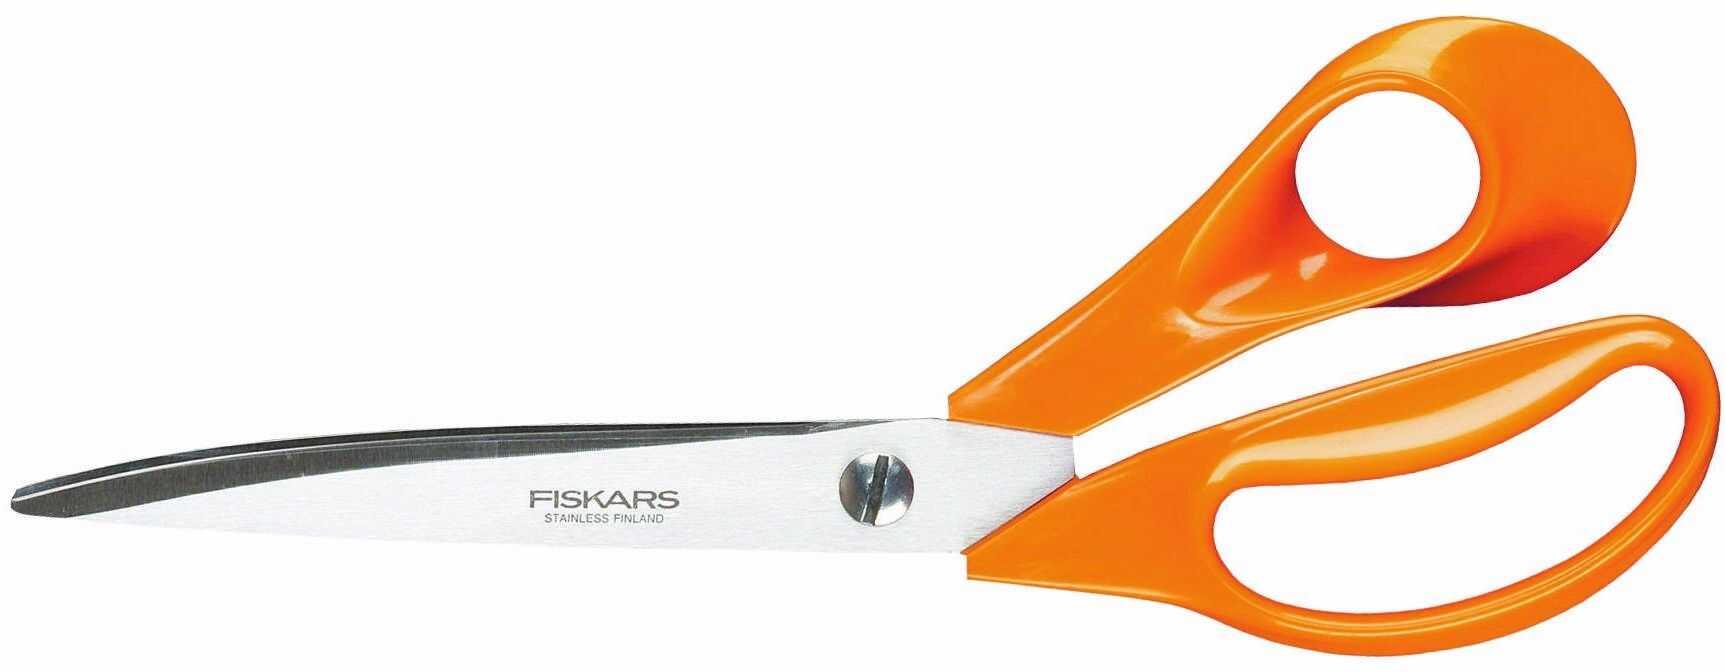 Nożyczki uniwersalne ogrodowe 240mm s94 [1001538]